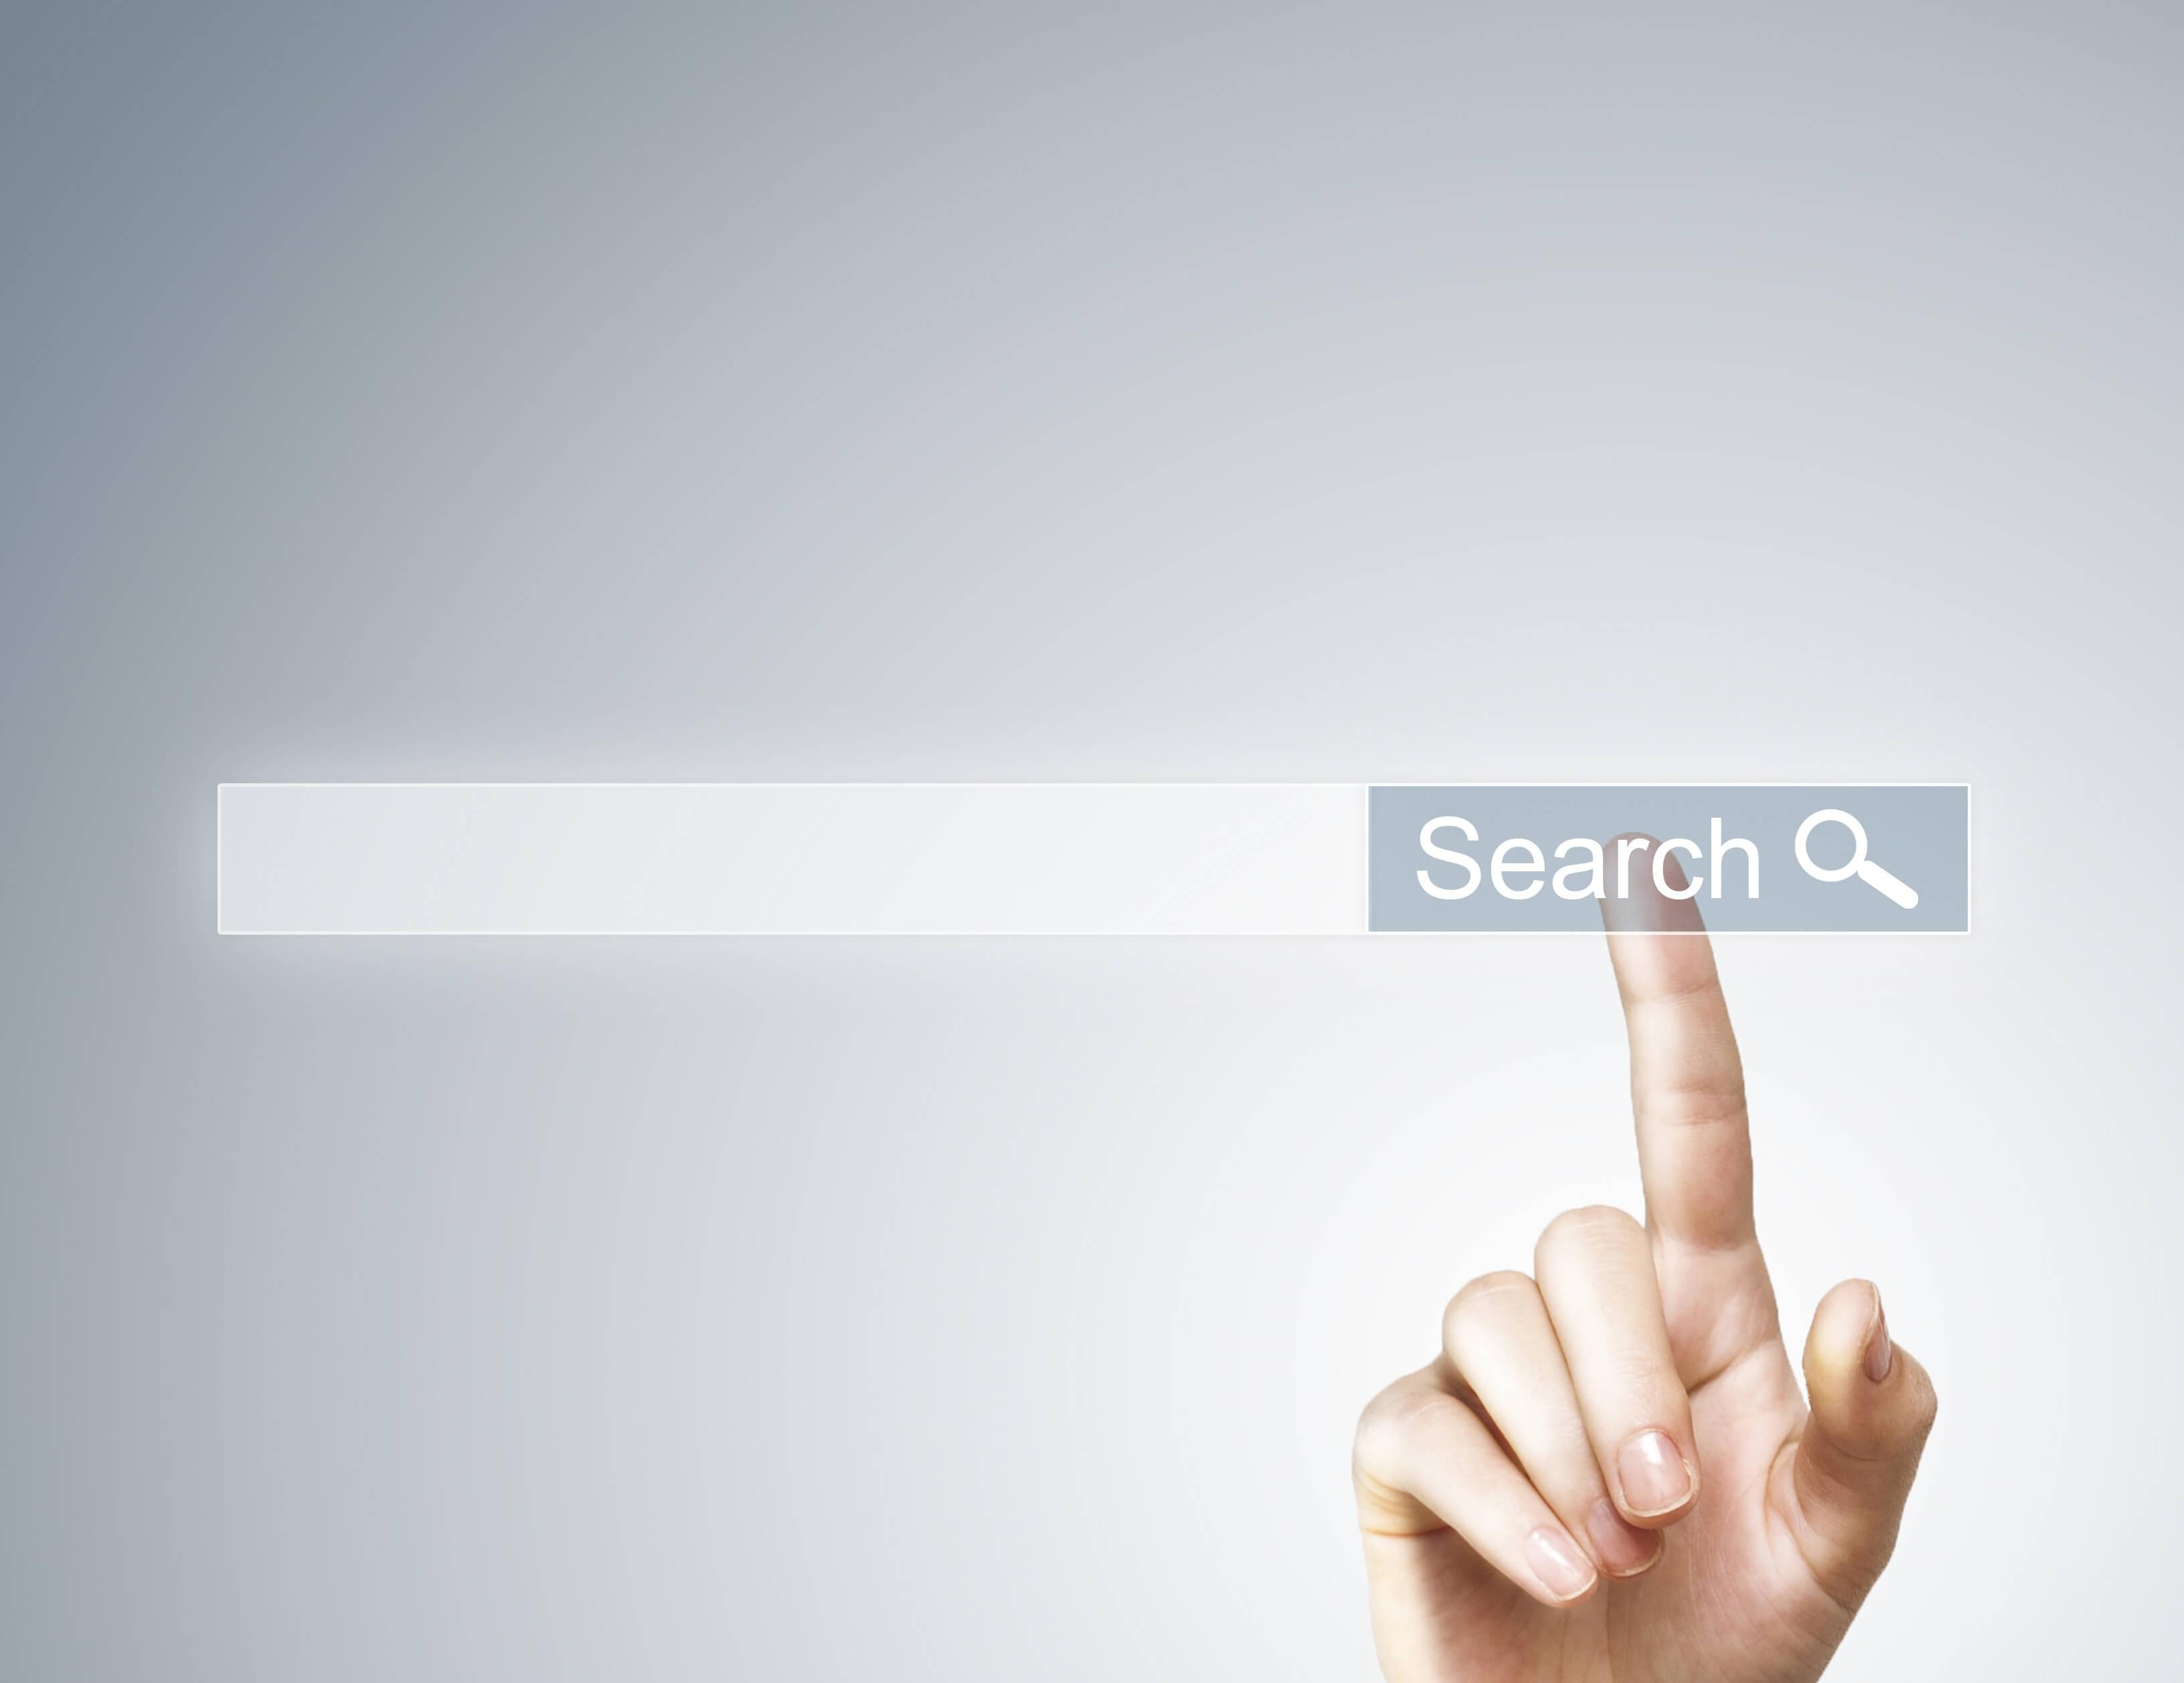 簡単な論文検索―初心者でも文献データベースを使わずに探す